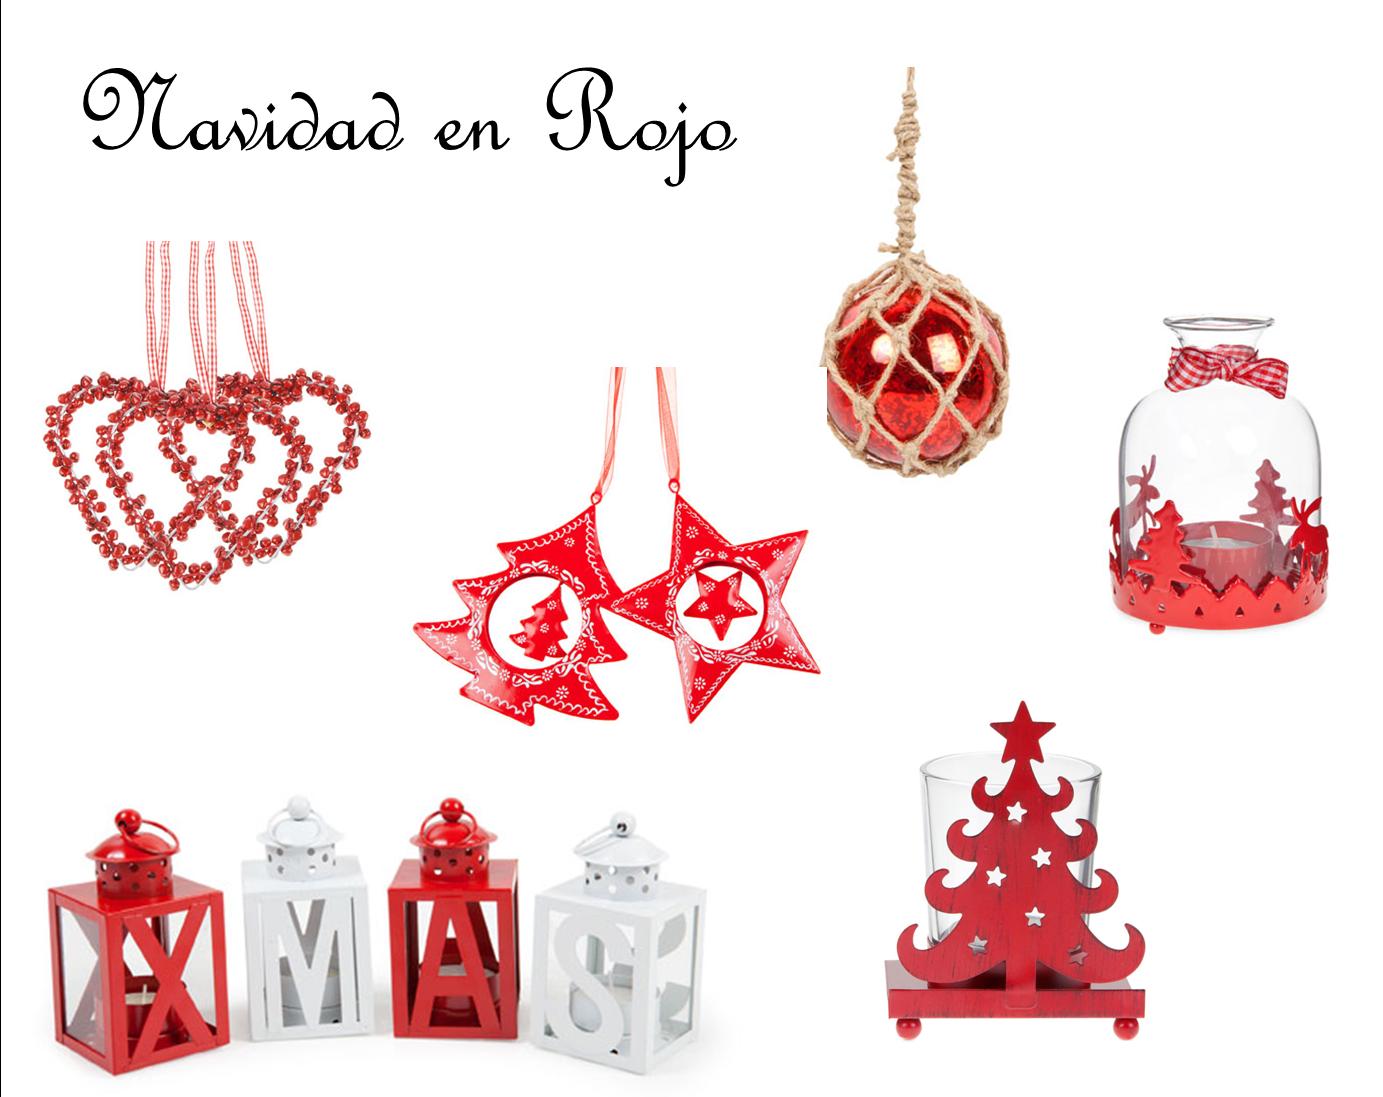 Decoraci n f cil decoracion de navidad 2014 2015 con for Decoracion para navidad 2014